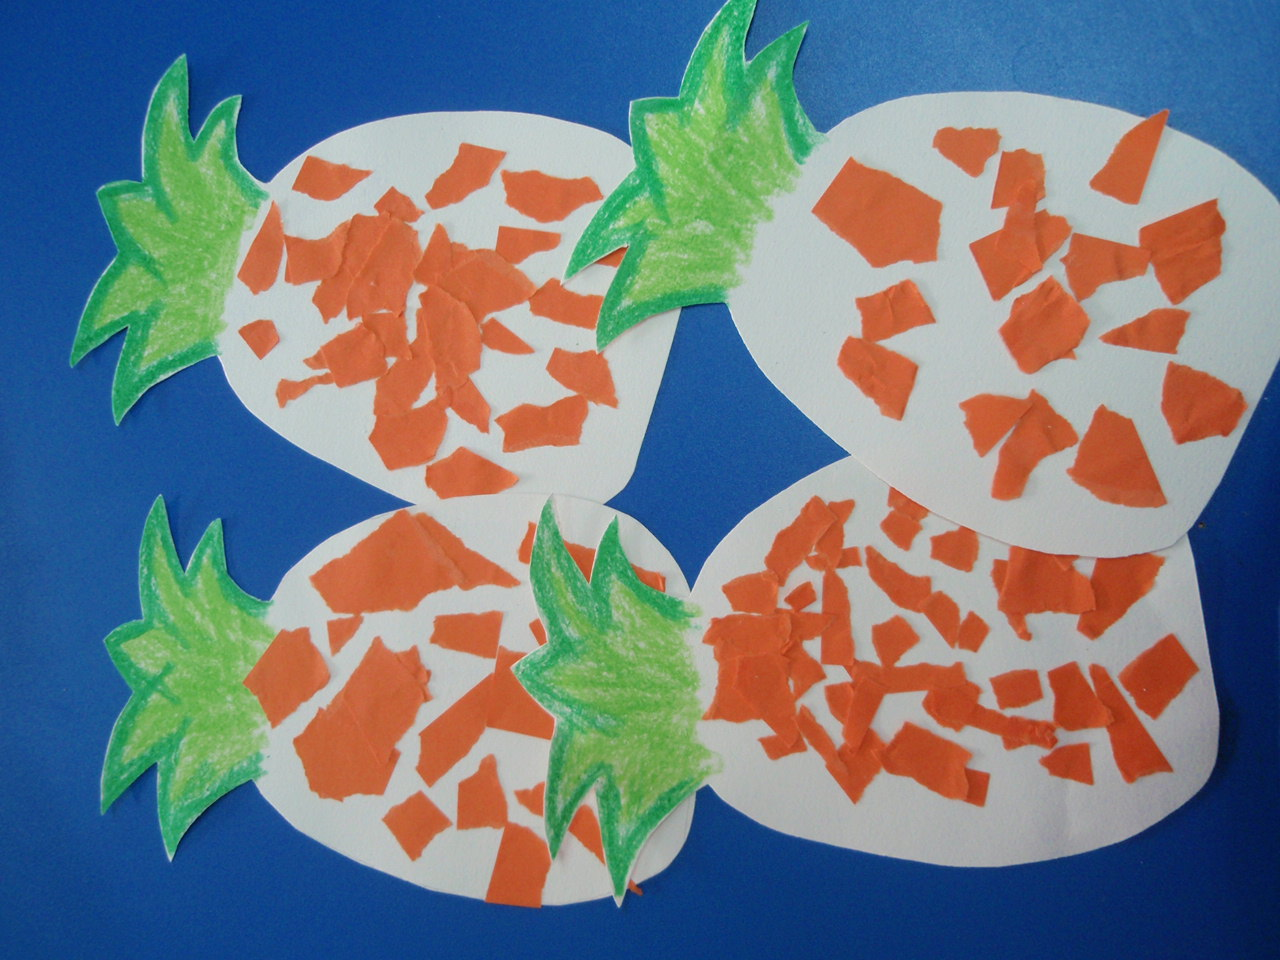 幼儿园小班手工贴画图片